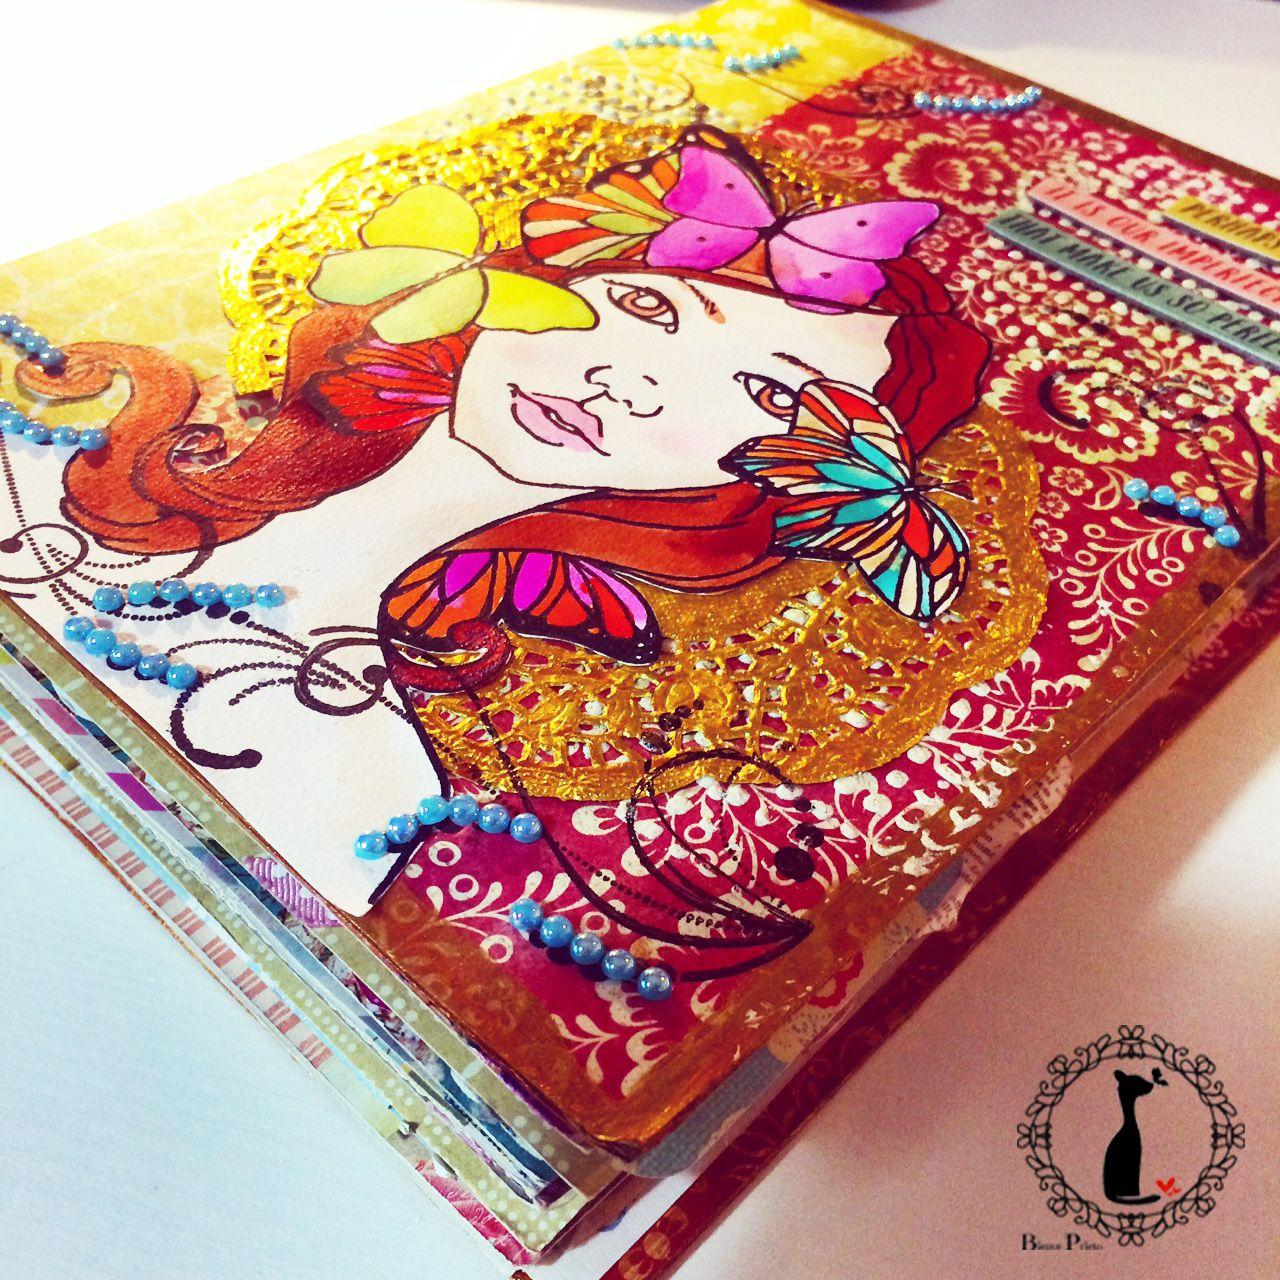 Scrapbook ideas tutorial - Photo Album Tutorial Scrapbook Photo Album Ideas With Artjournal Mixedmedia And Smashbook Techniques